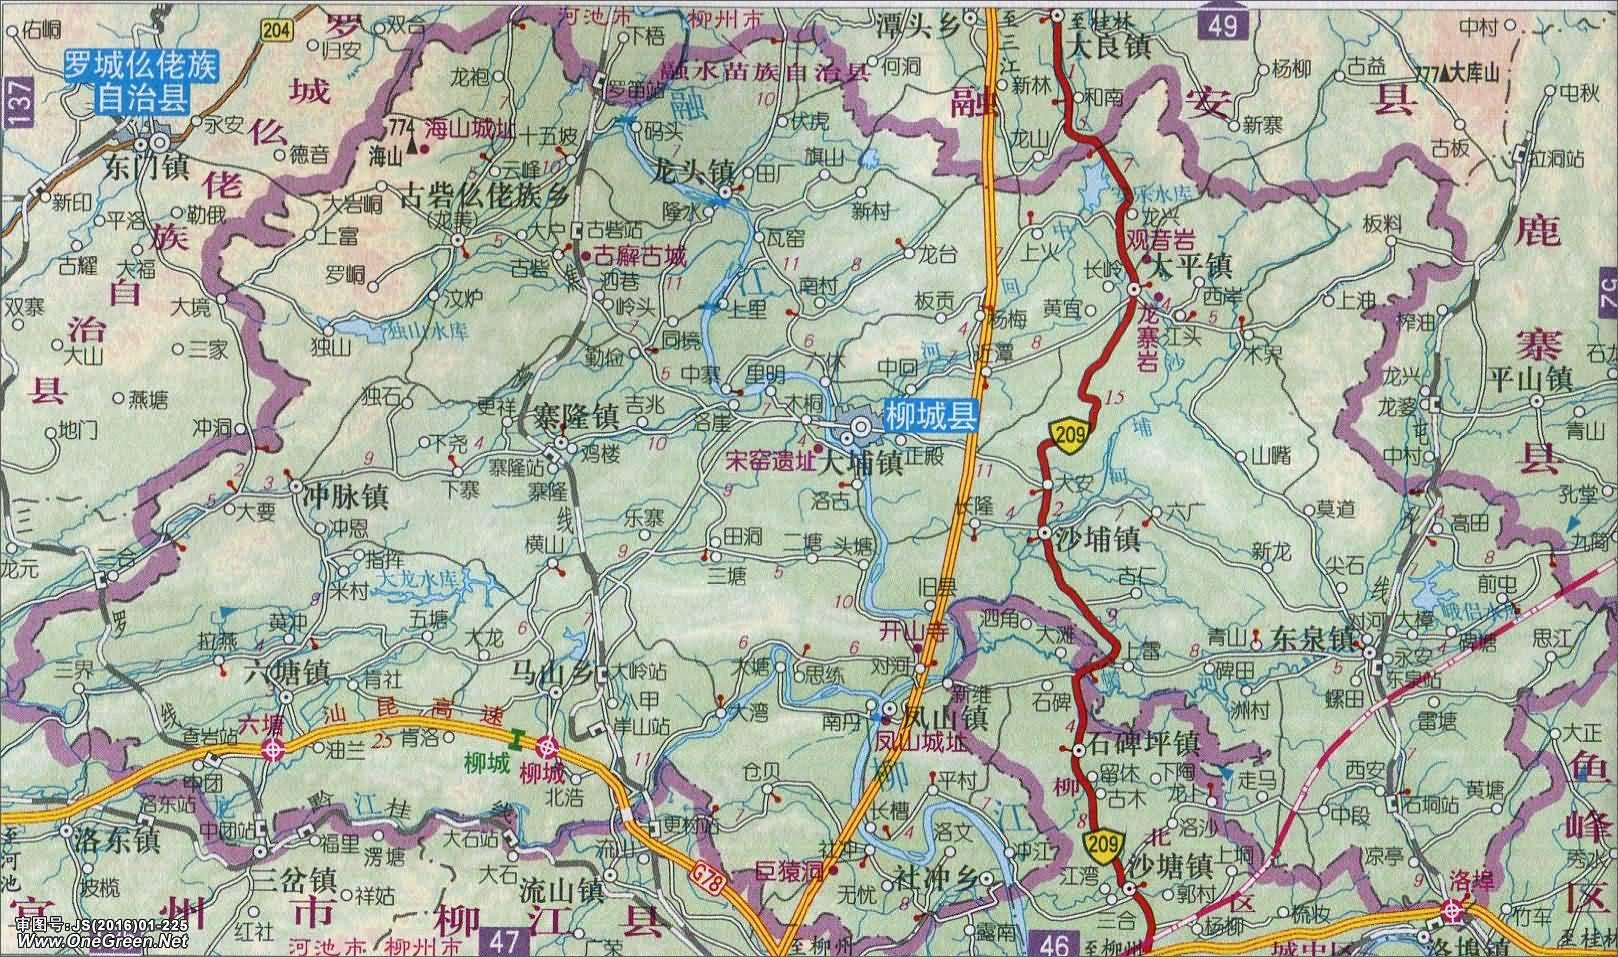 柳城县地图